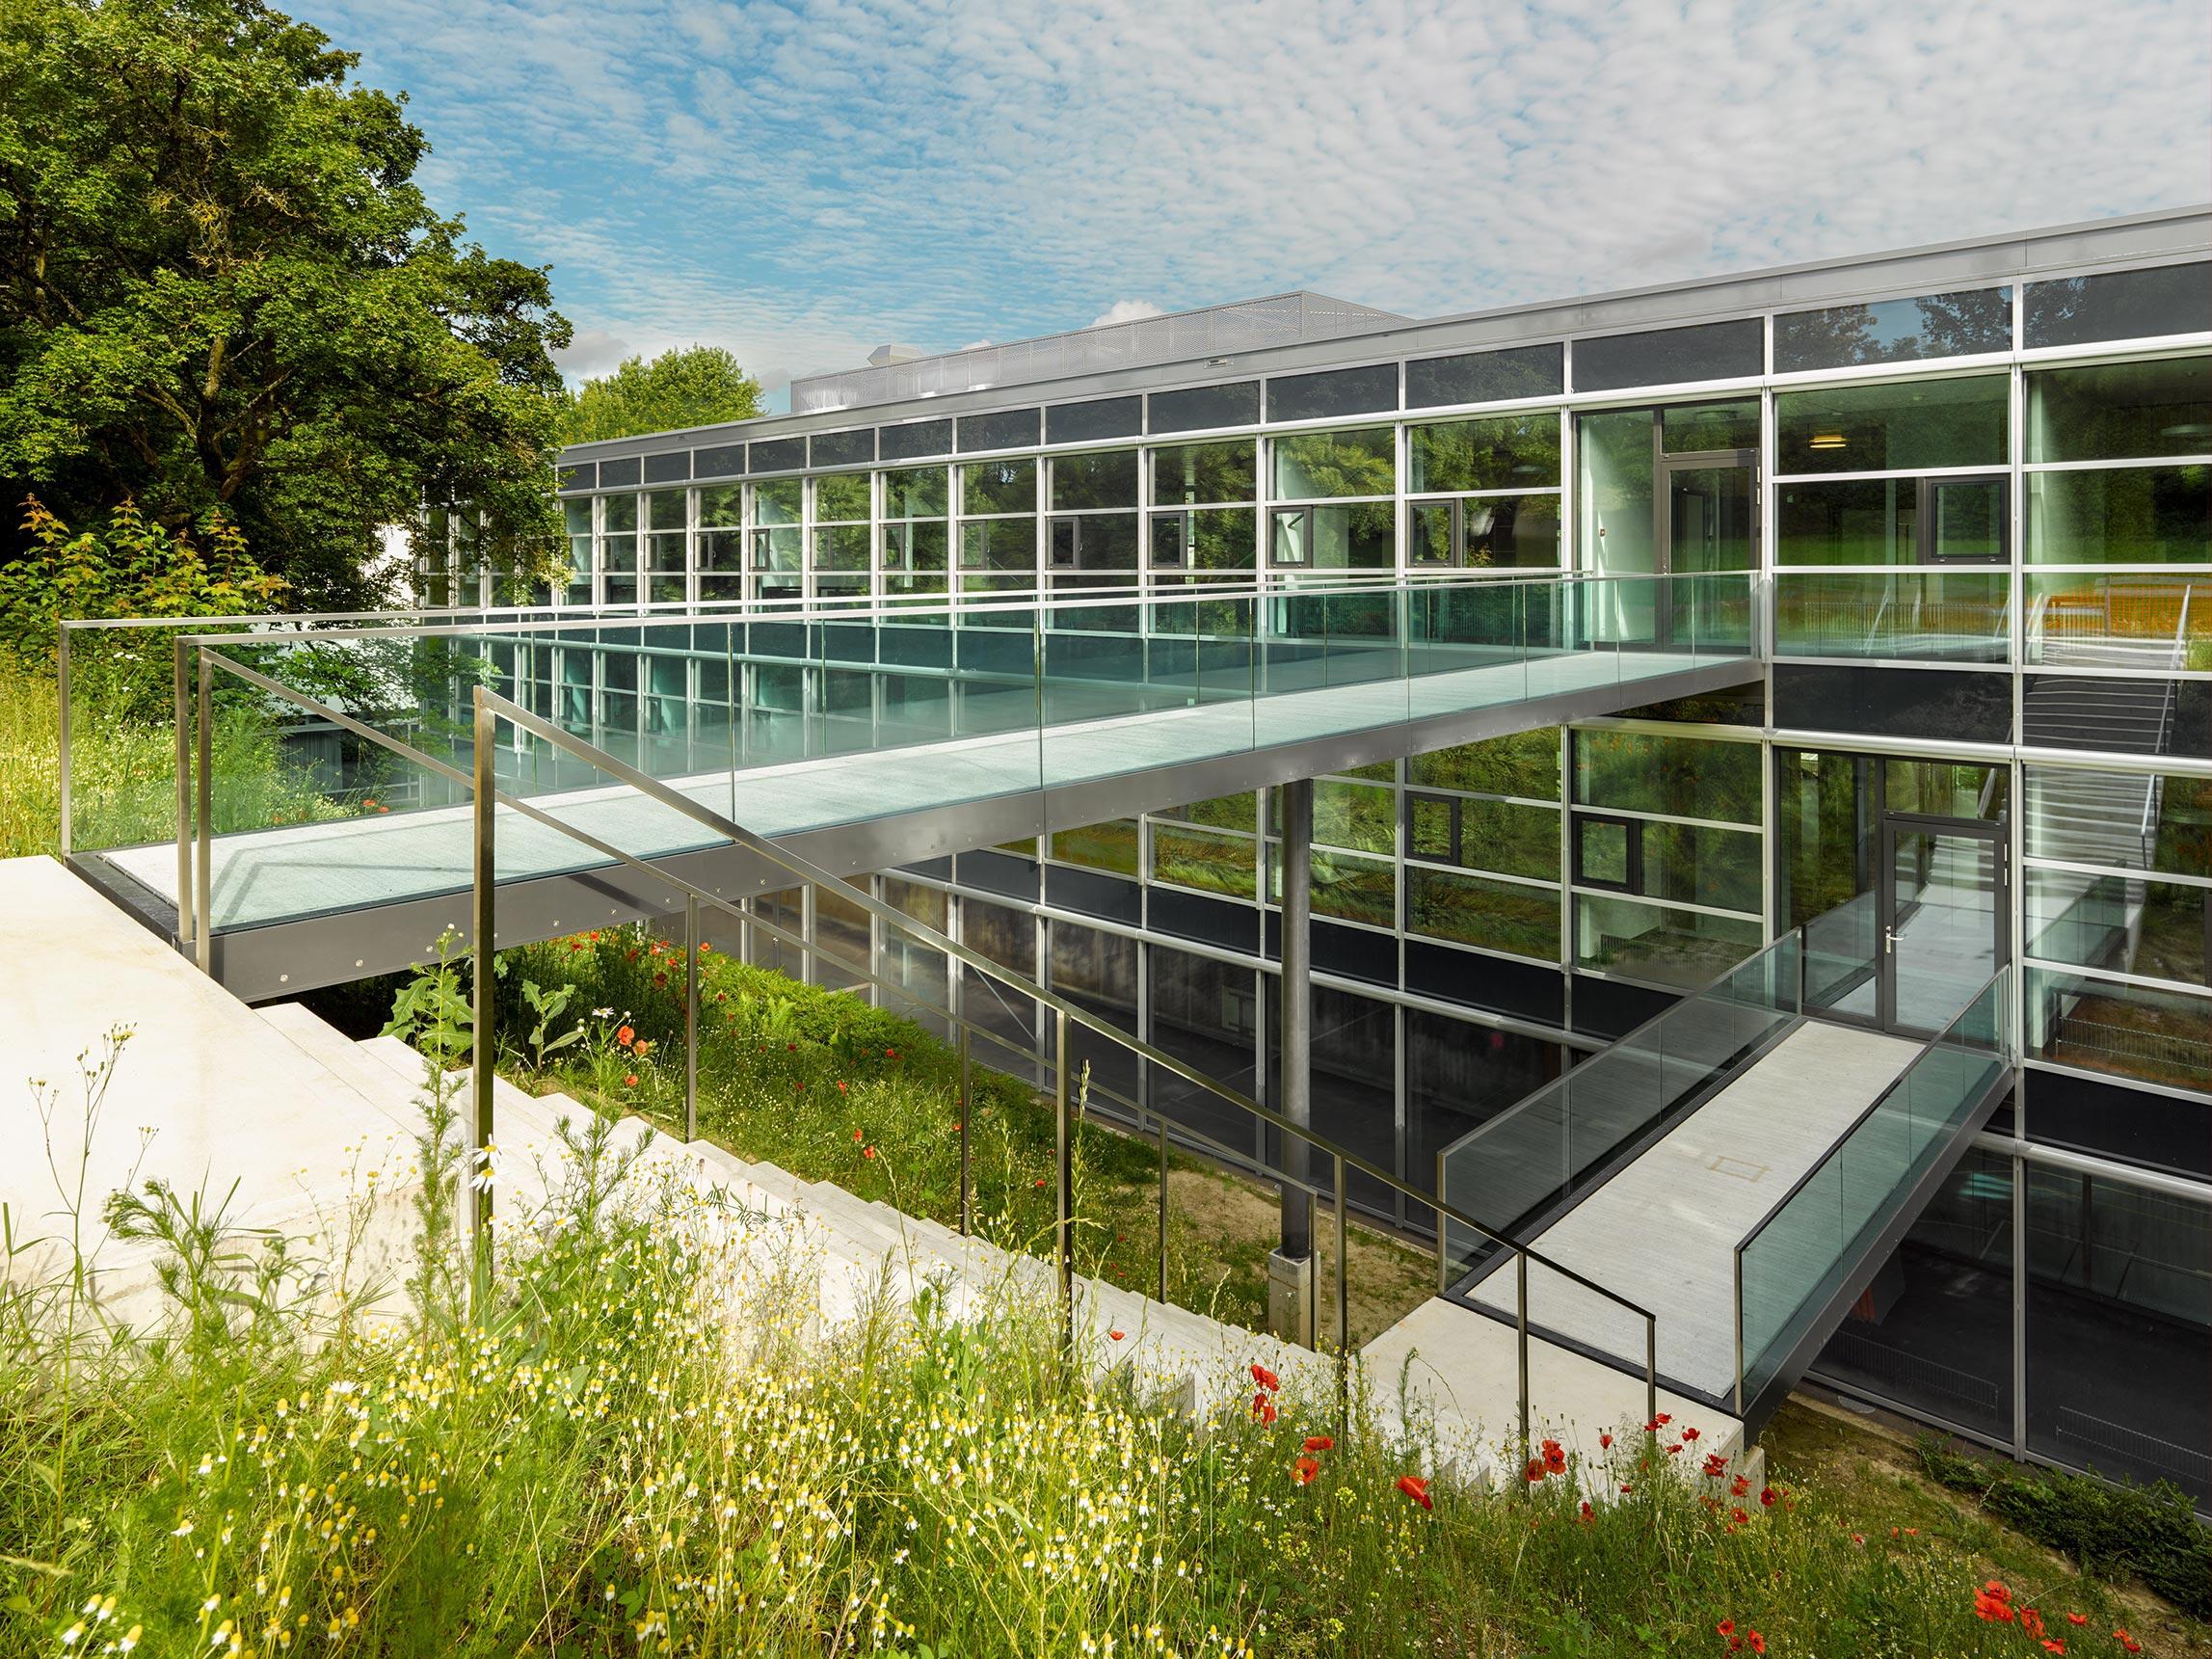 Architektur Signaletik Schule Battenberg Sprachheilschule